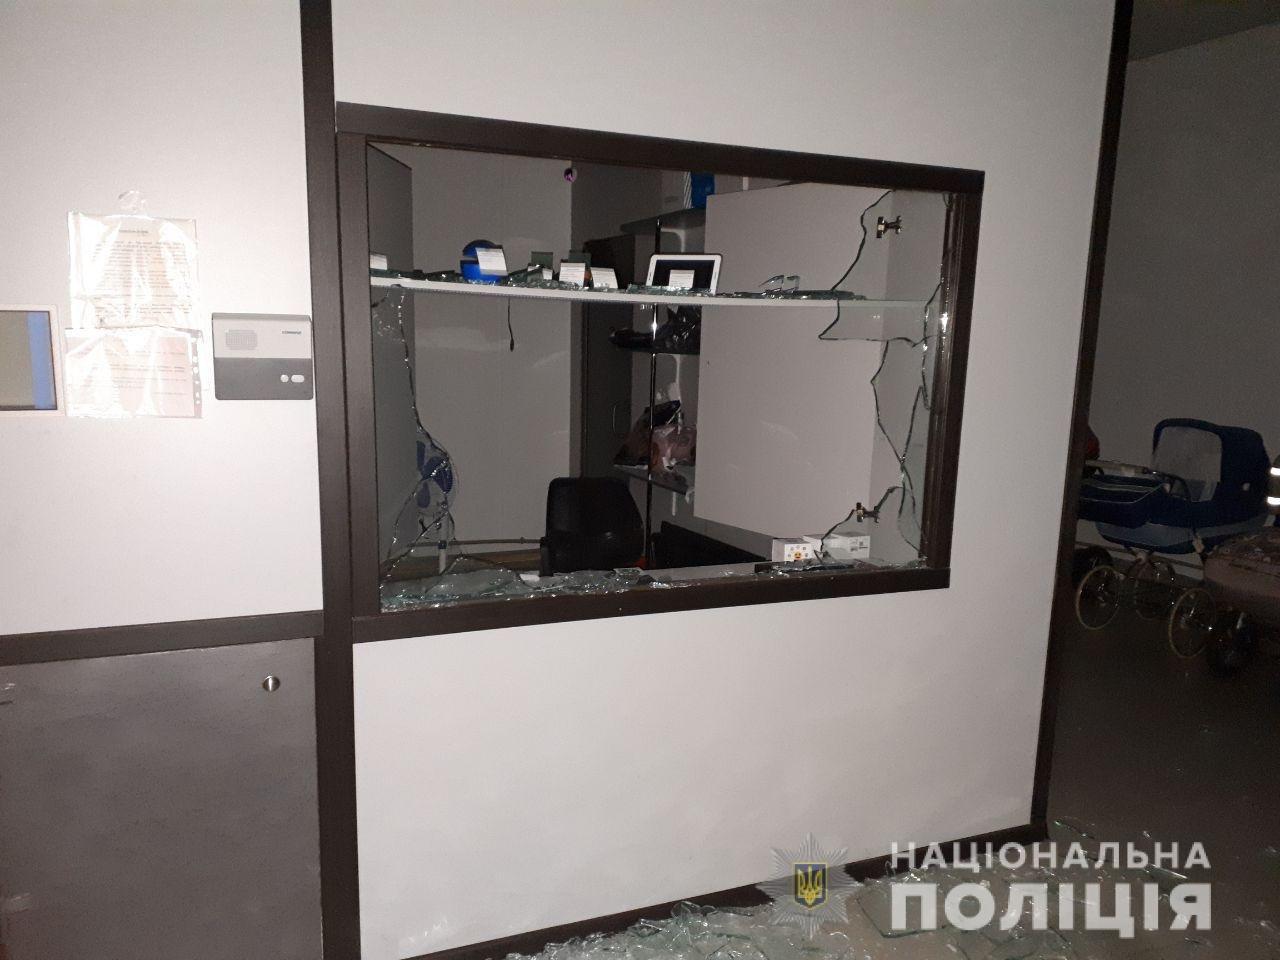 В Харькове неизвестный проник и ограбил ломбард, украв из сейфа деньги и золотые украшения, - ФОТО, фото-1